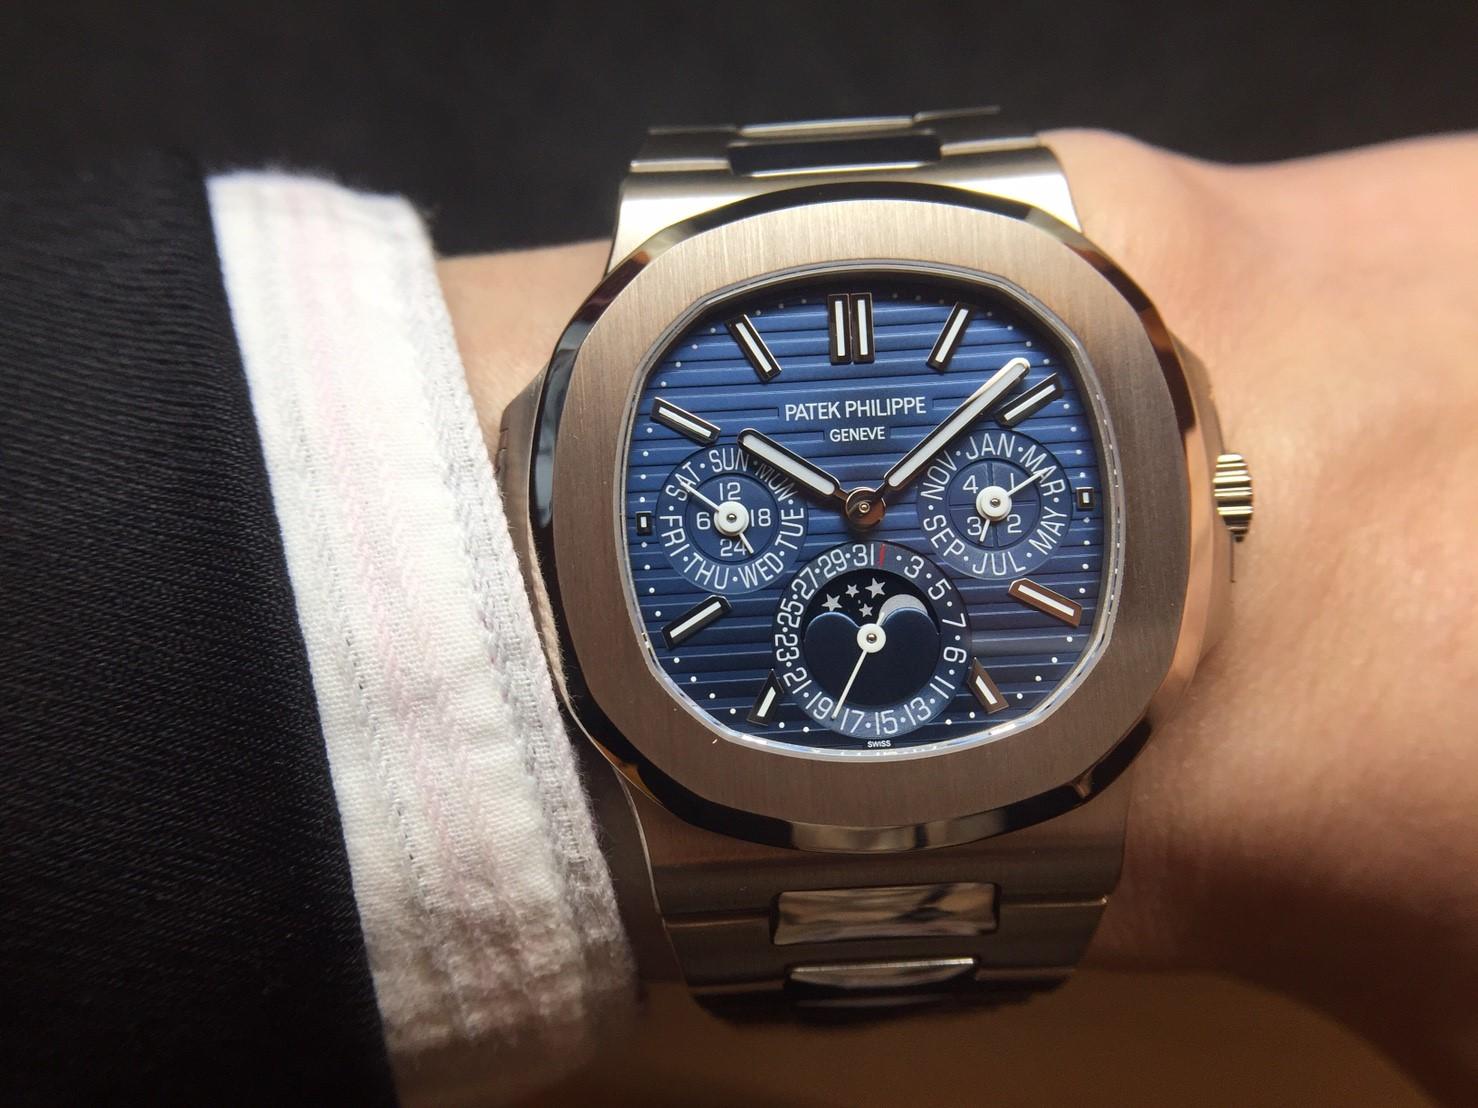 悠閒典雅風格經典之作首搭萬年曆複雜功能:百達翡麗Nautilus 5740/1G-001萬年曆腕錶